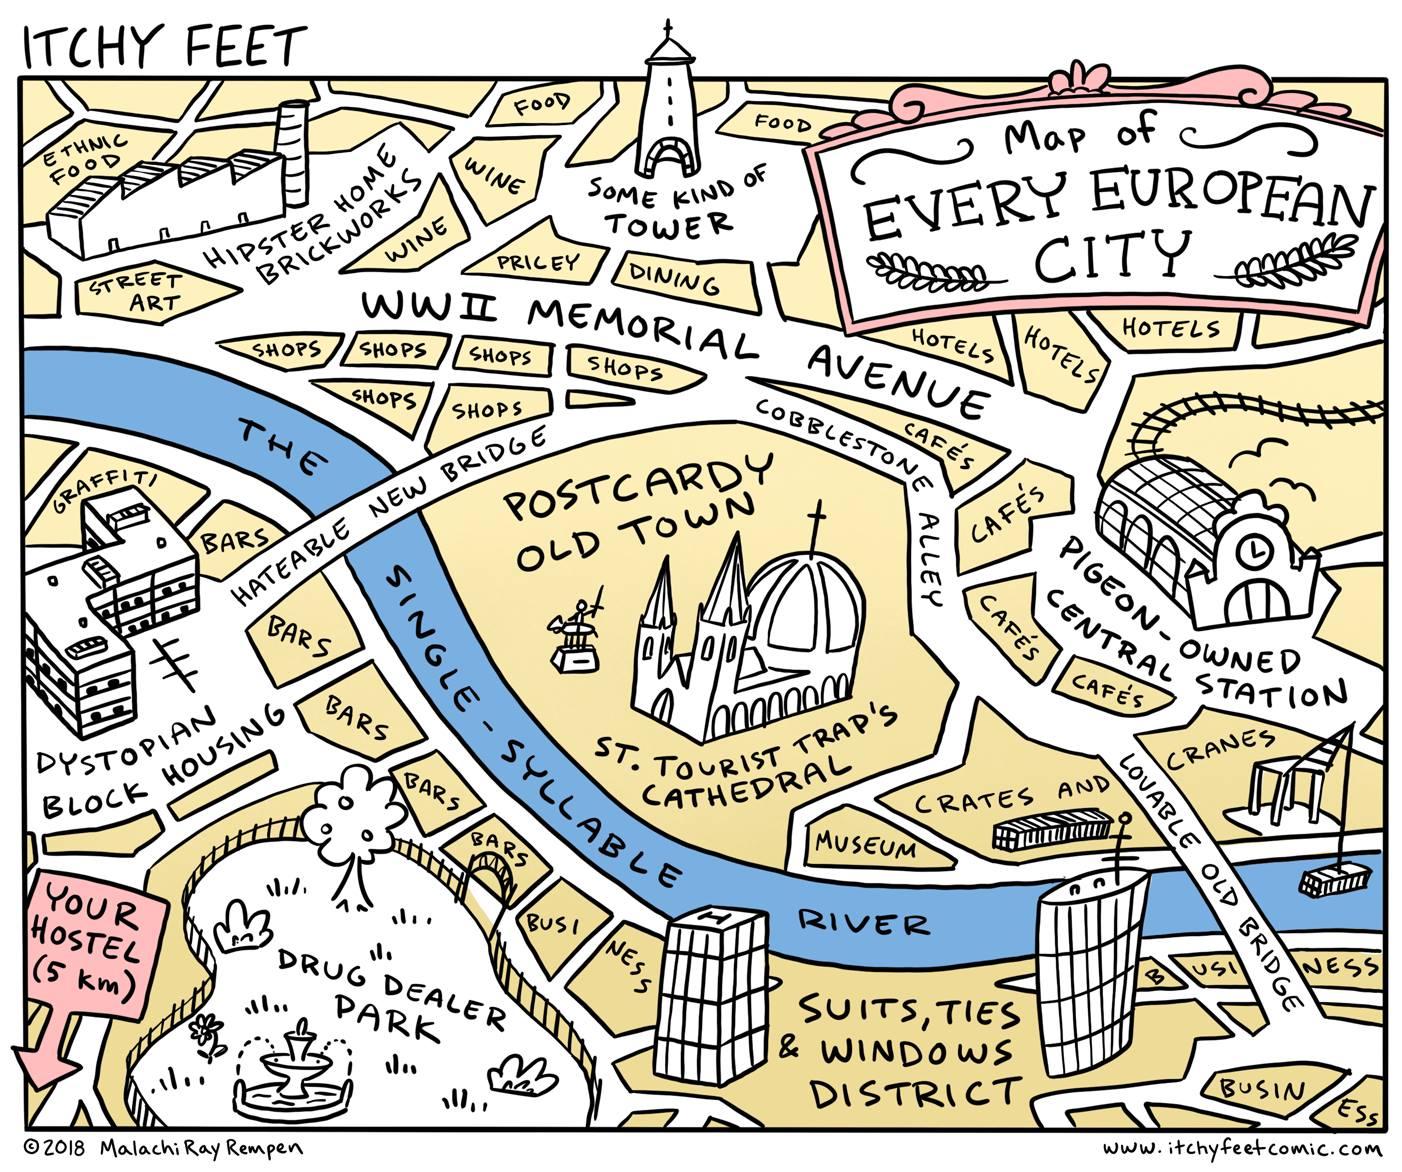 Gjelder denne også for Oslo?  Kilde: Itchy Feet. The Travel and Language Comic